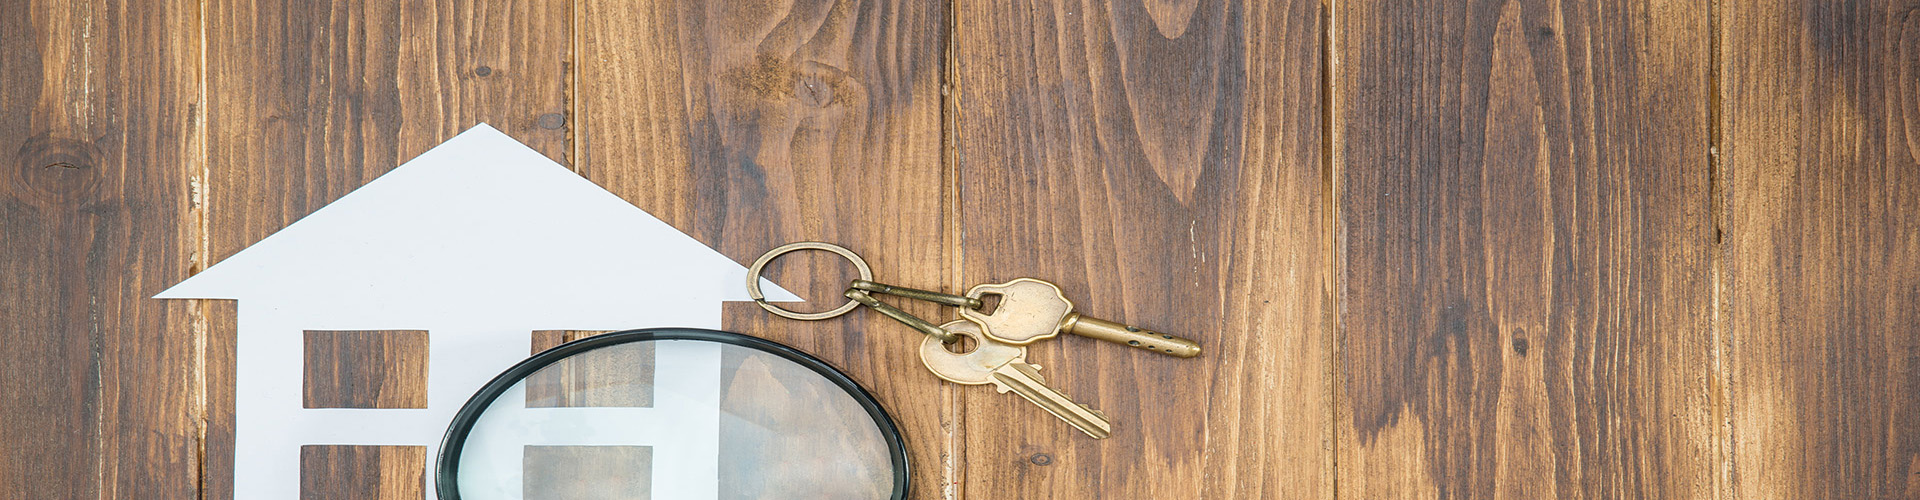 baufinanzierung offenburg immobilienfinanzierung offenburg kredit offenburg privatkredit. Black Bedroom Furniture Sets. Home Design Ideas